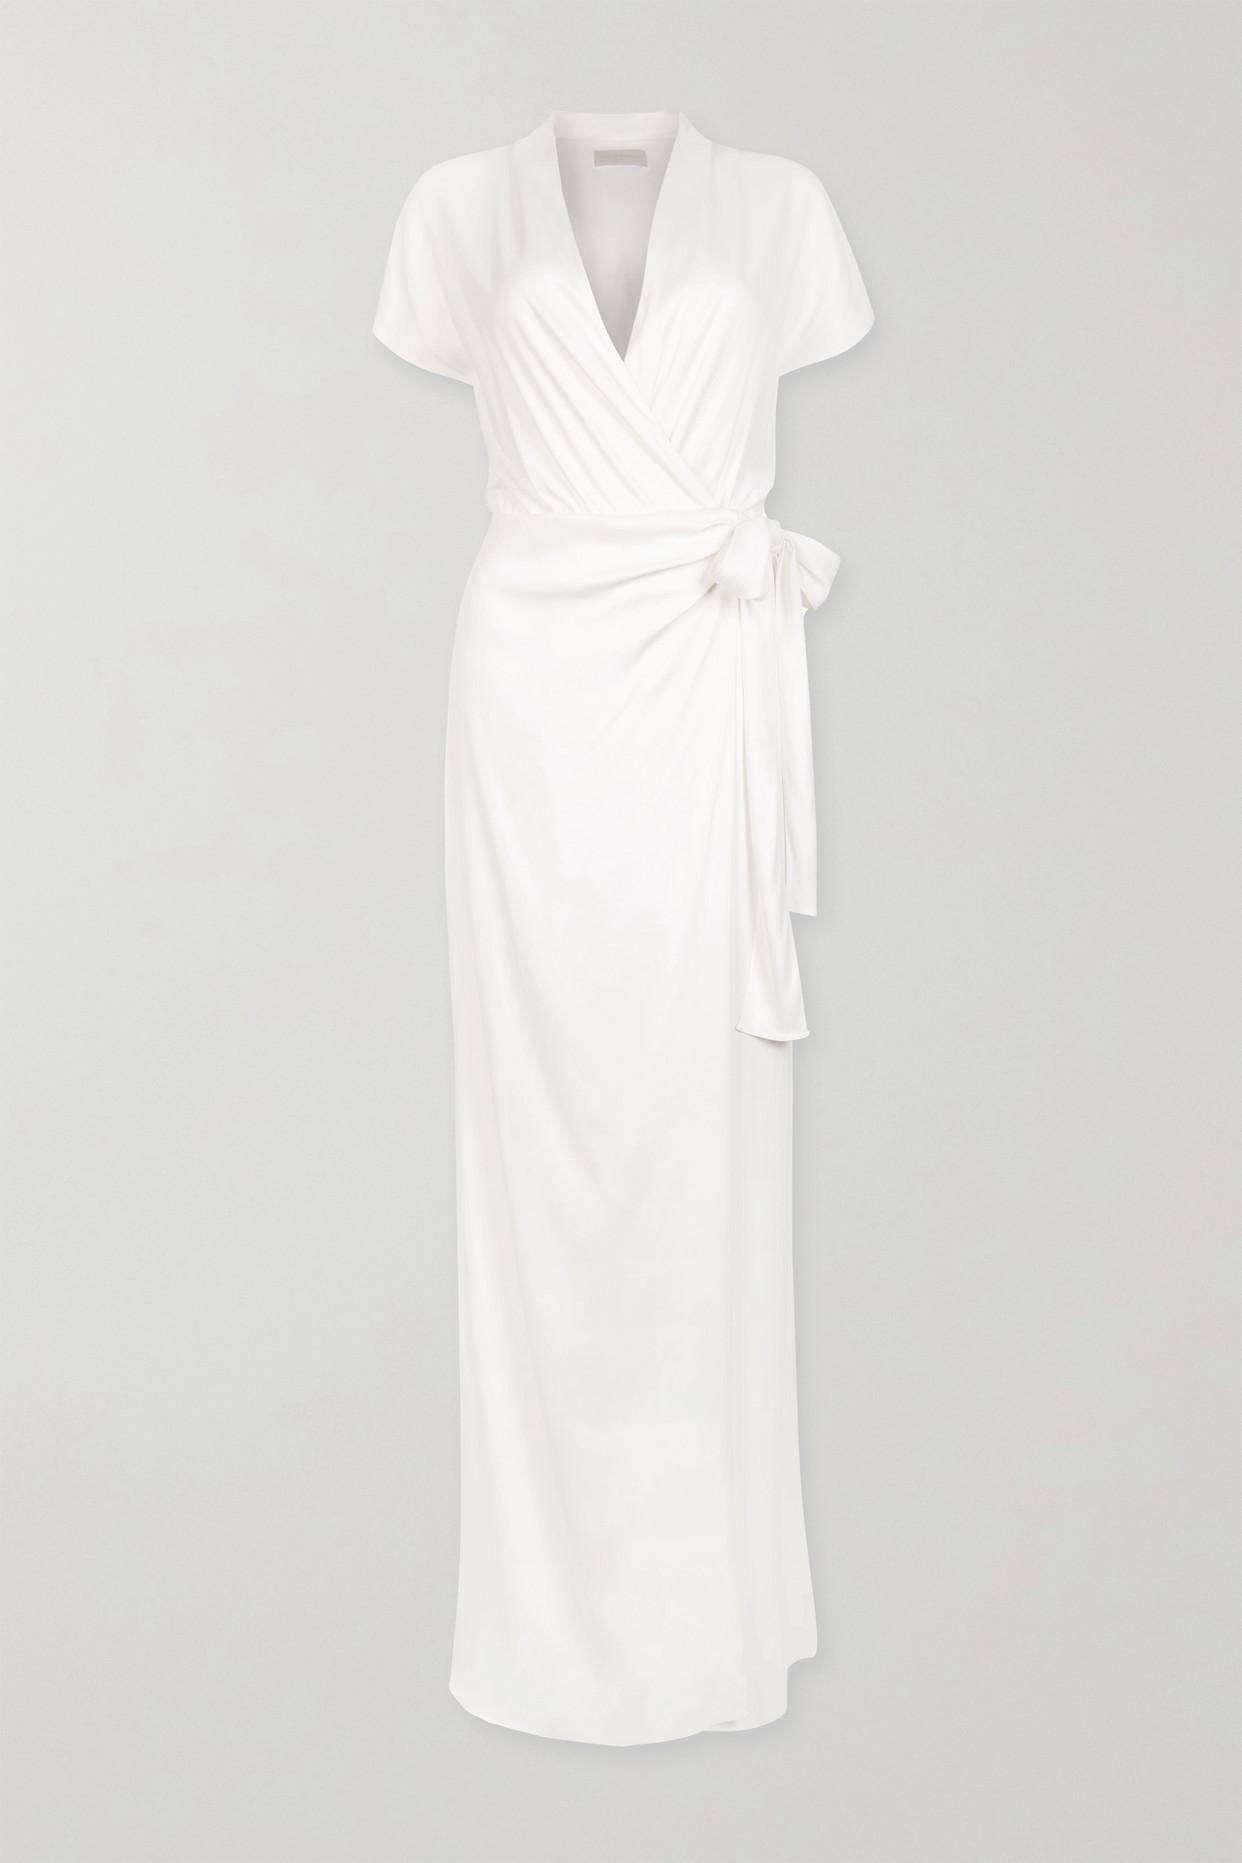 VANESSA COCCHIARO - The Lady Draped Matte-satin Wrap Gown - White - FR40